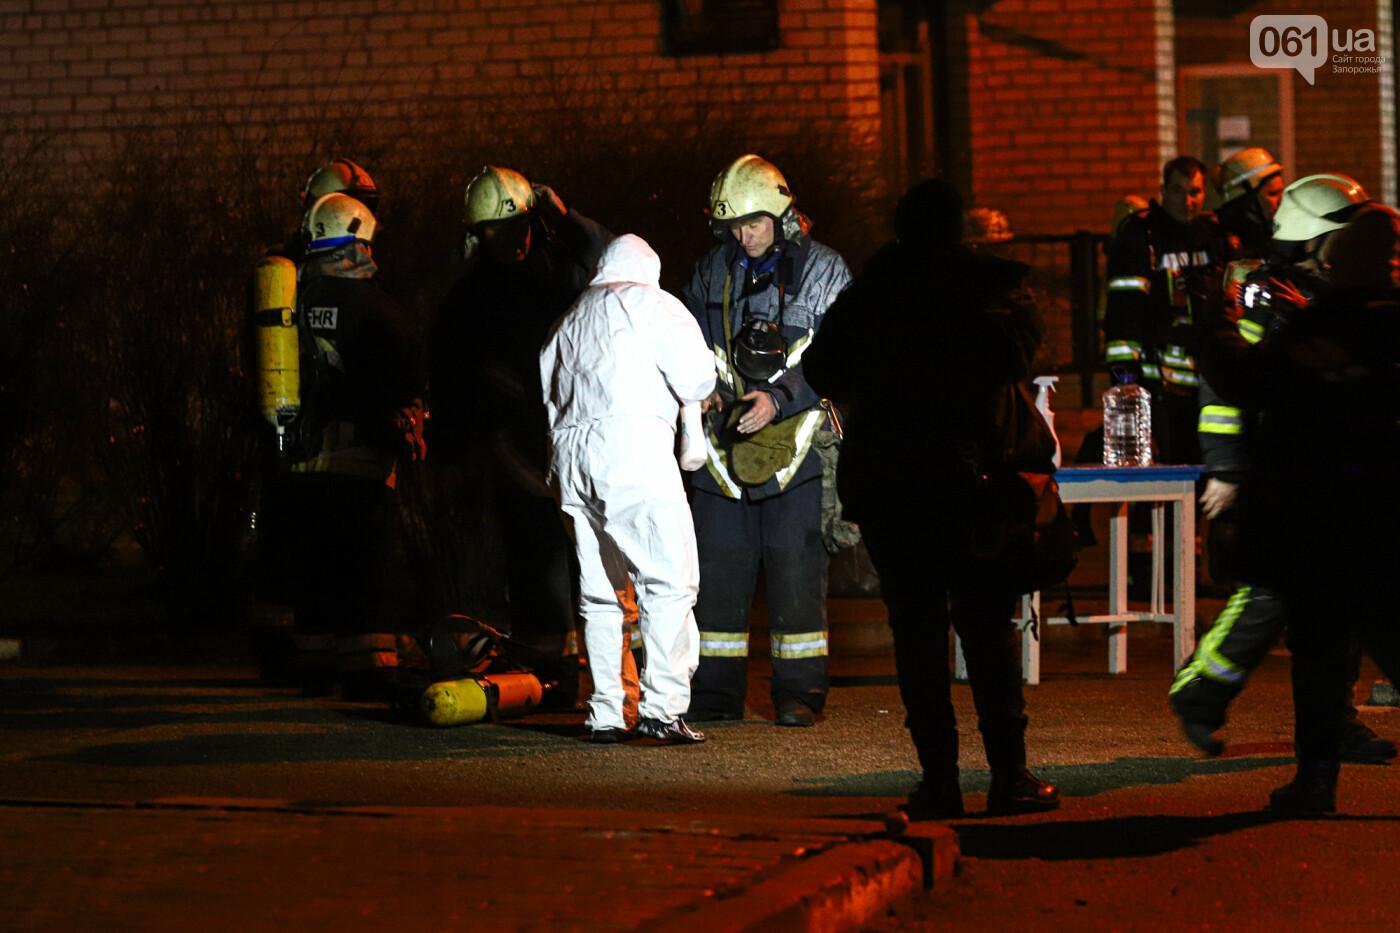 Пожар в Запорожской инфекционной больнице: все подробности происшествия, - ФОТОРЕПОРТАЖ , фото-7